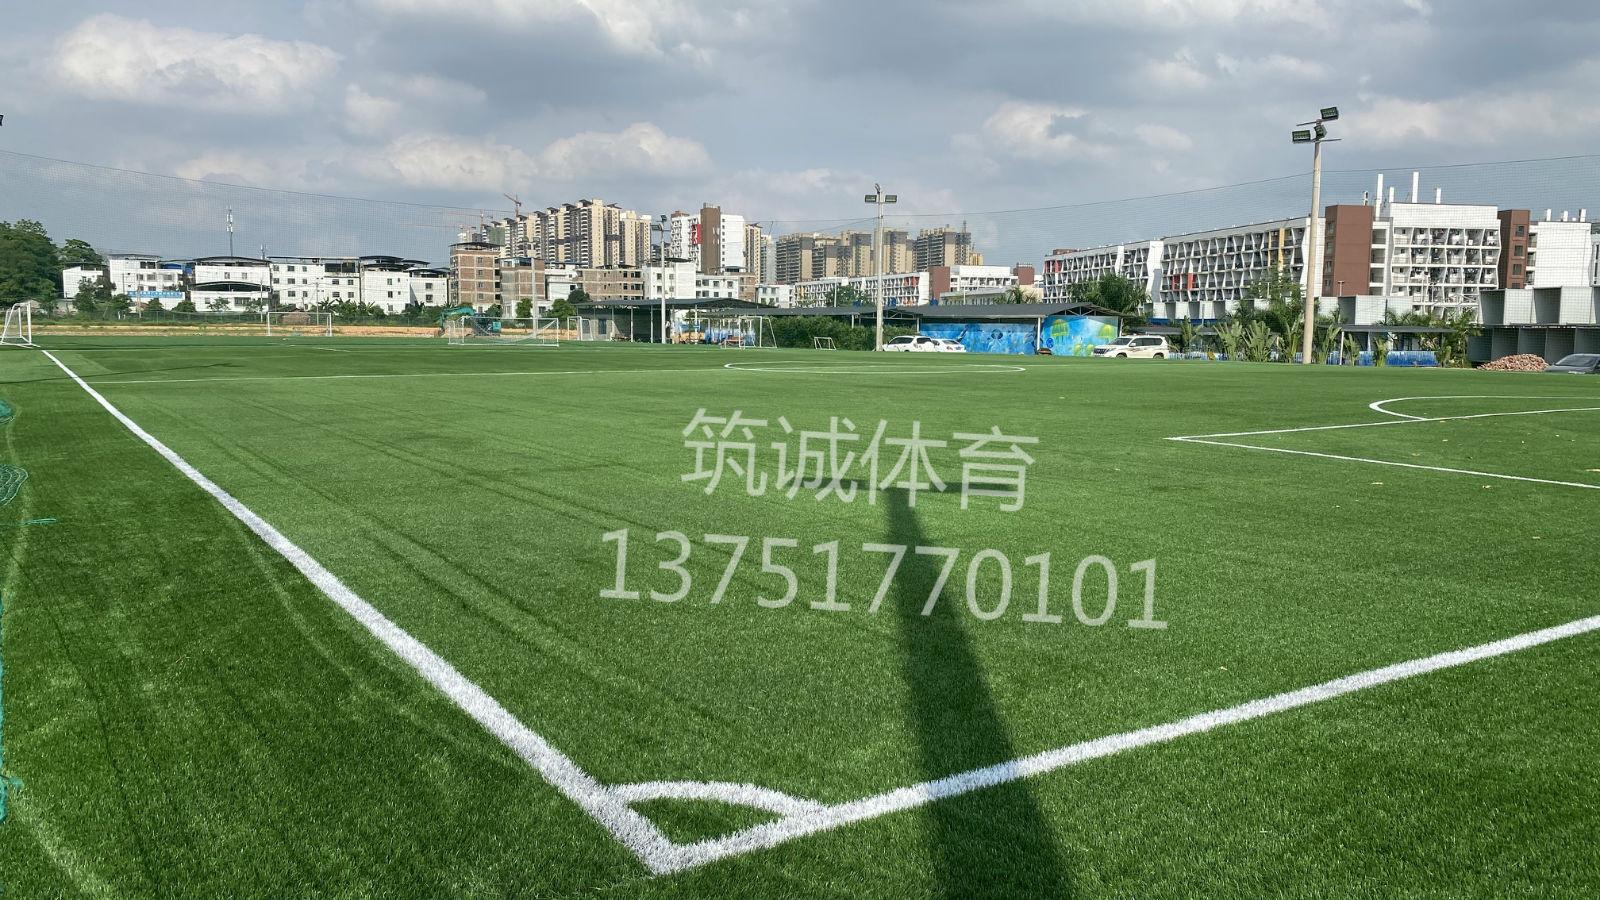 福建广艺体育园芦仙山体育公园足球场